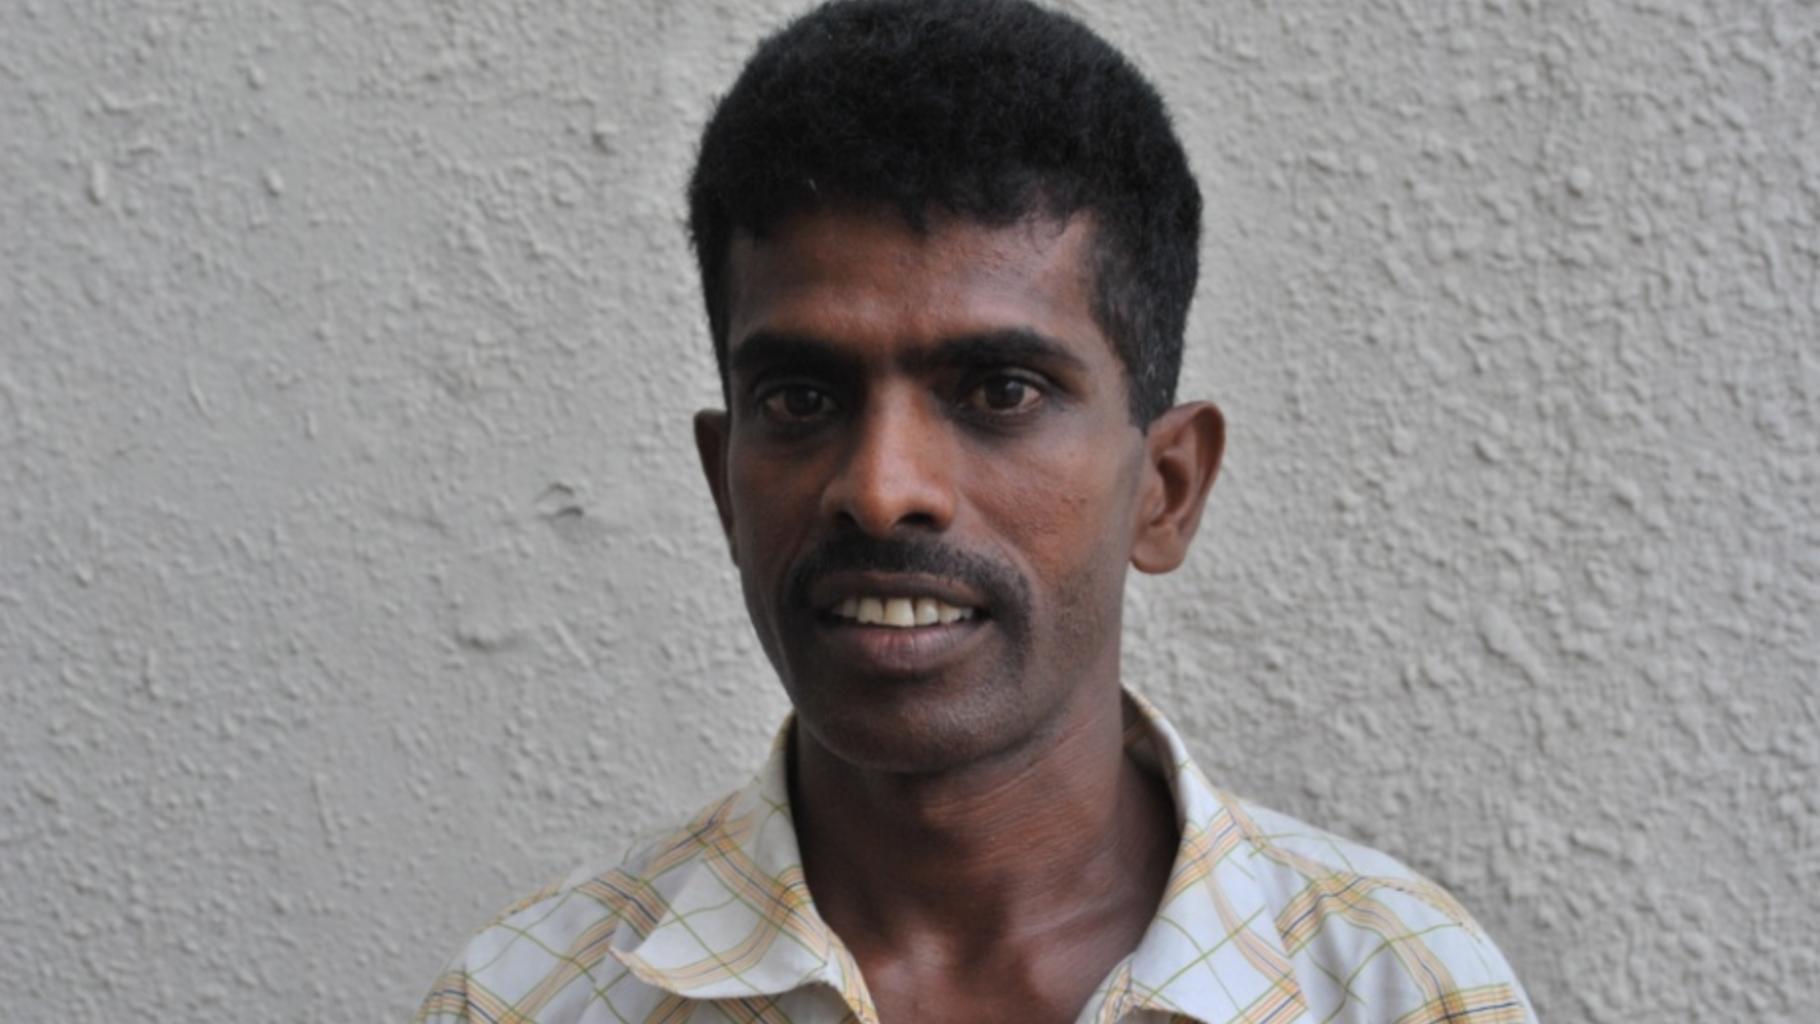 Punchirala Somasiri, Anführer des Aufstands der Kleinbauer in Paanama